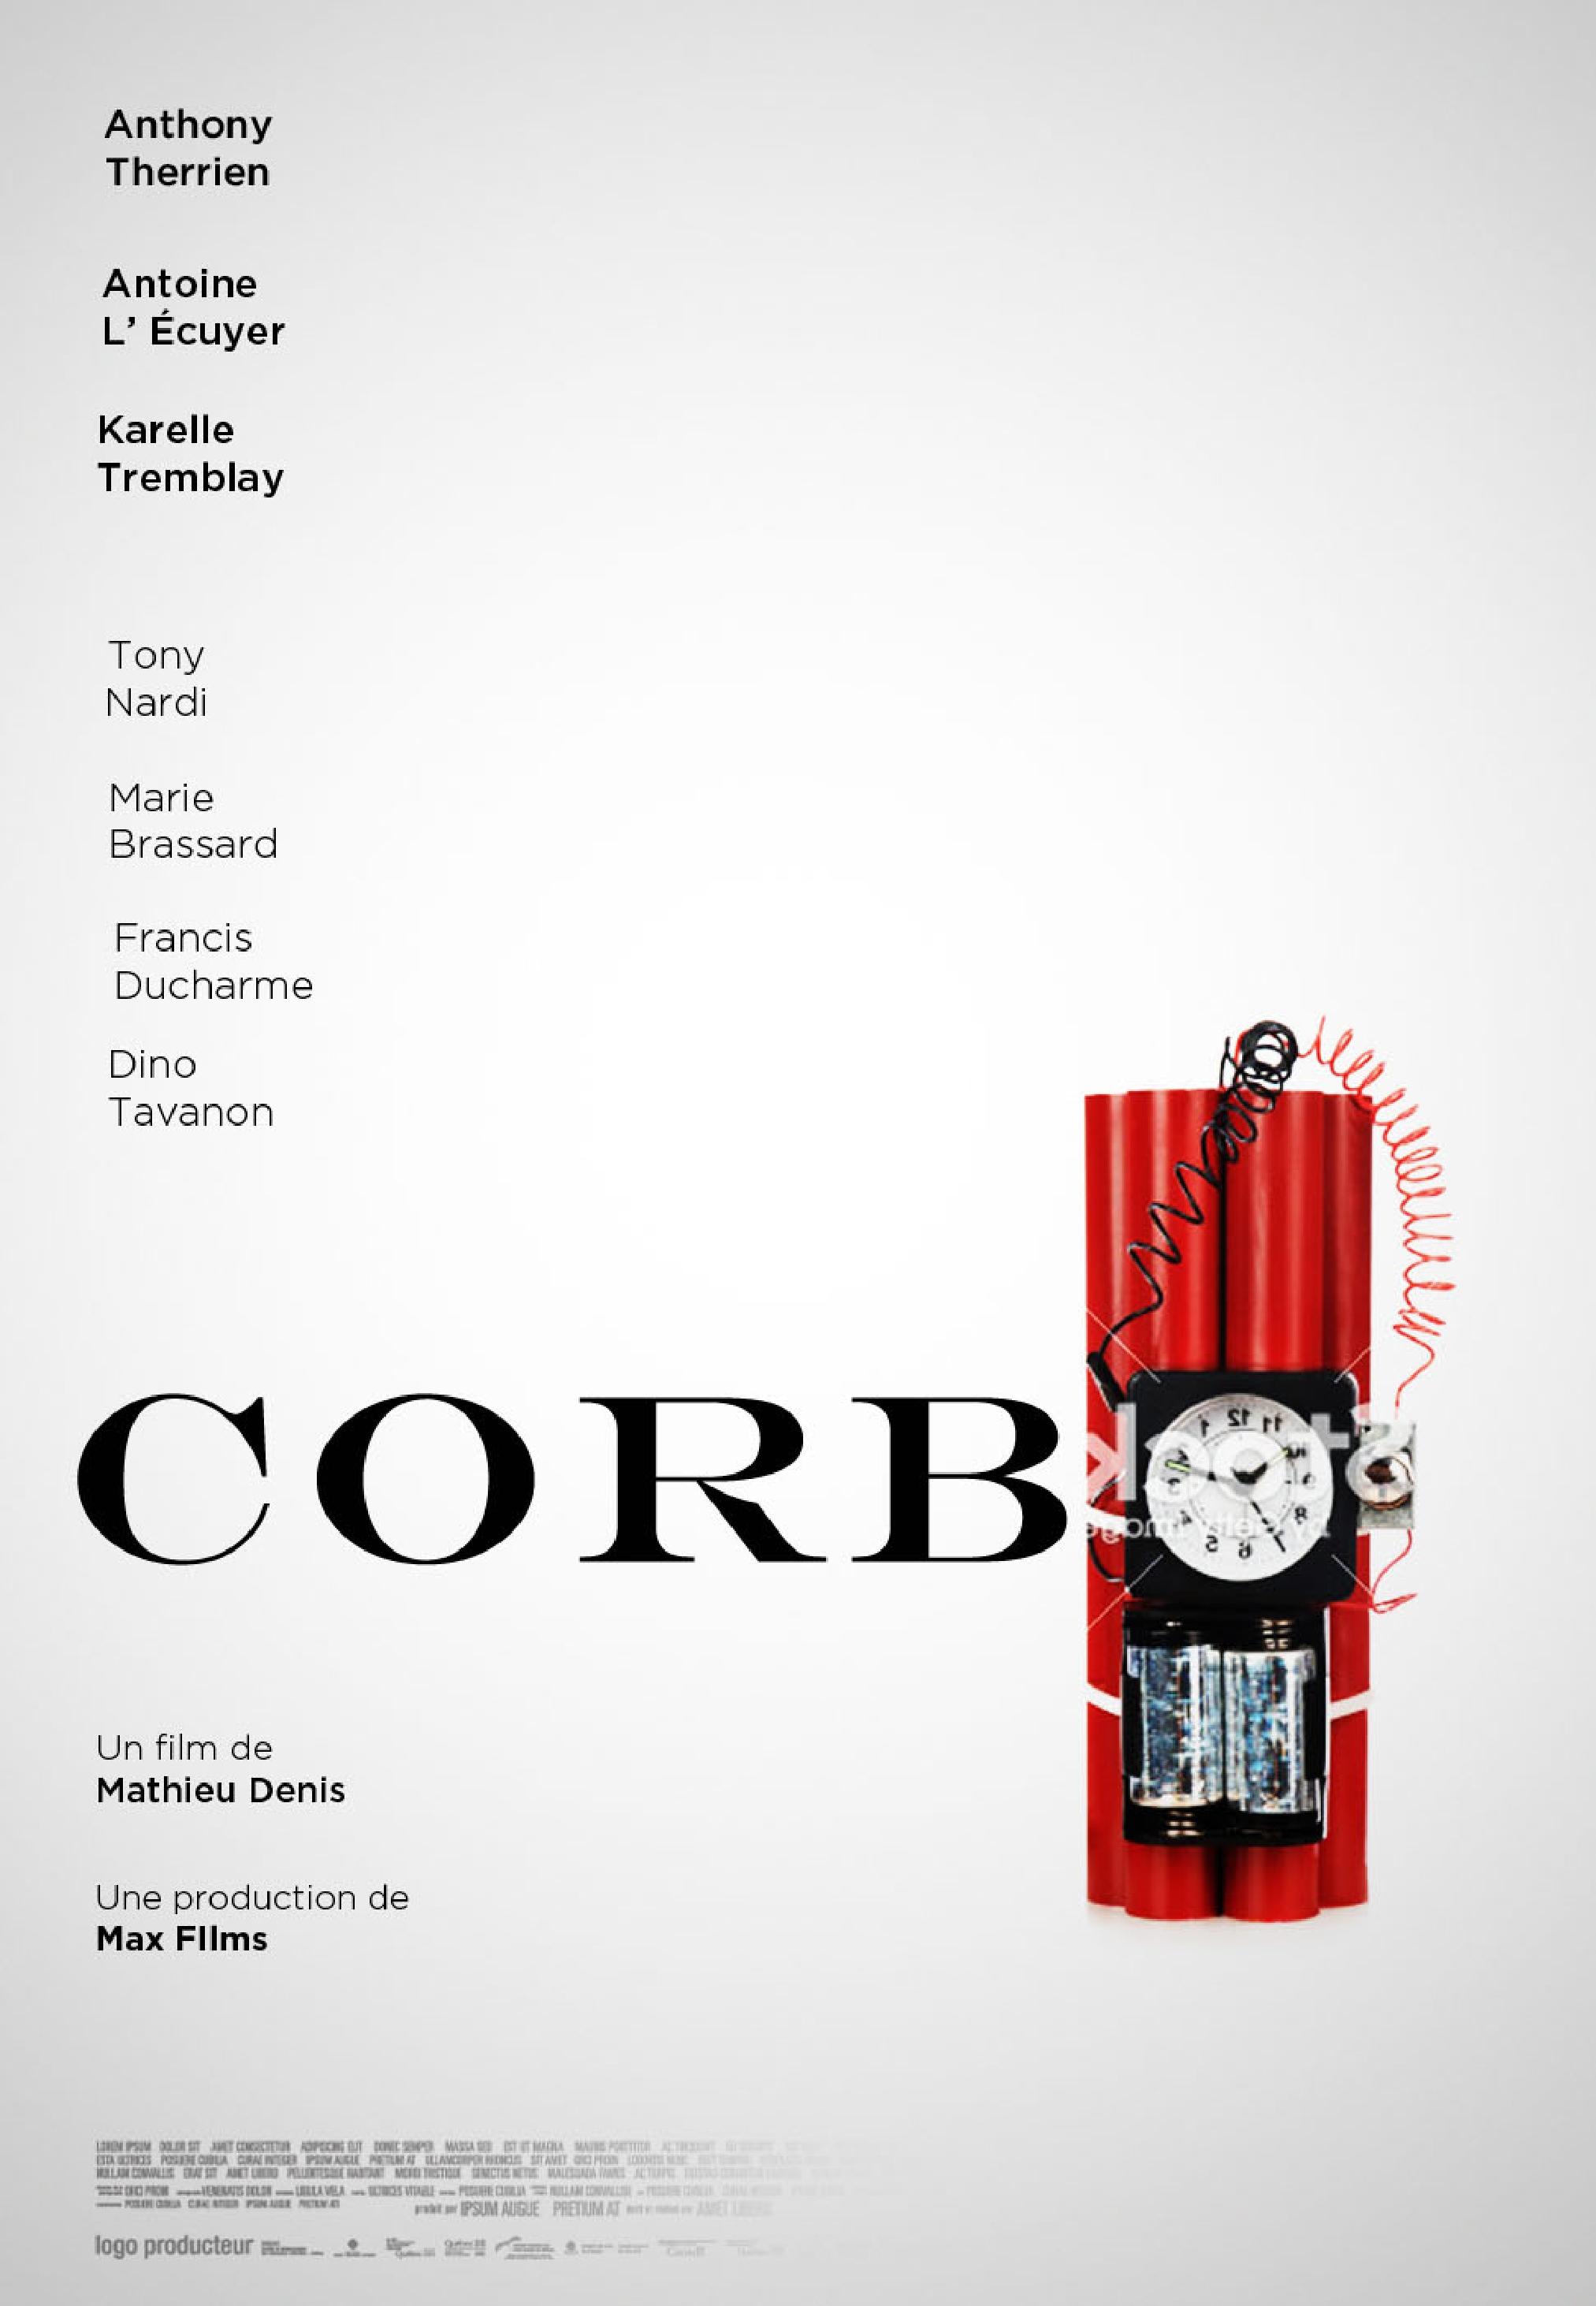 CORBO-Poster-RENZO-27oct_00032.jpg